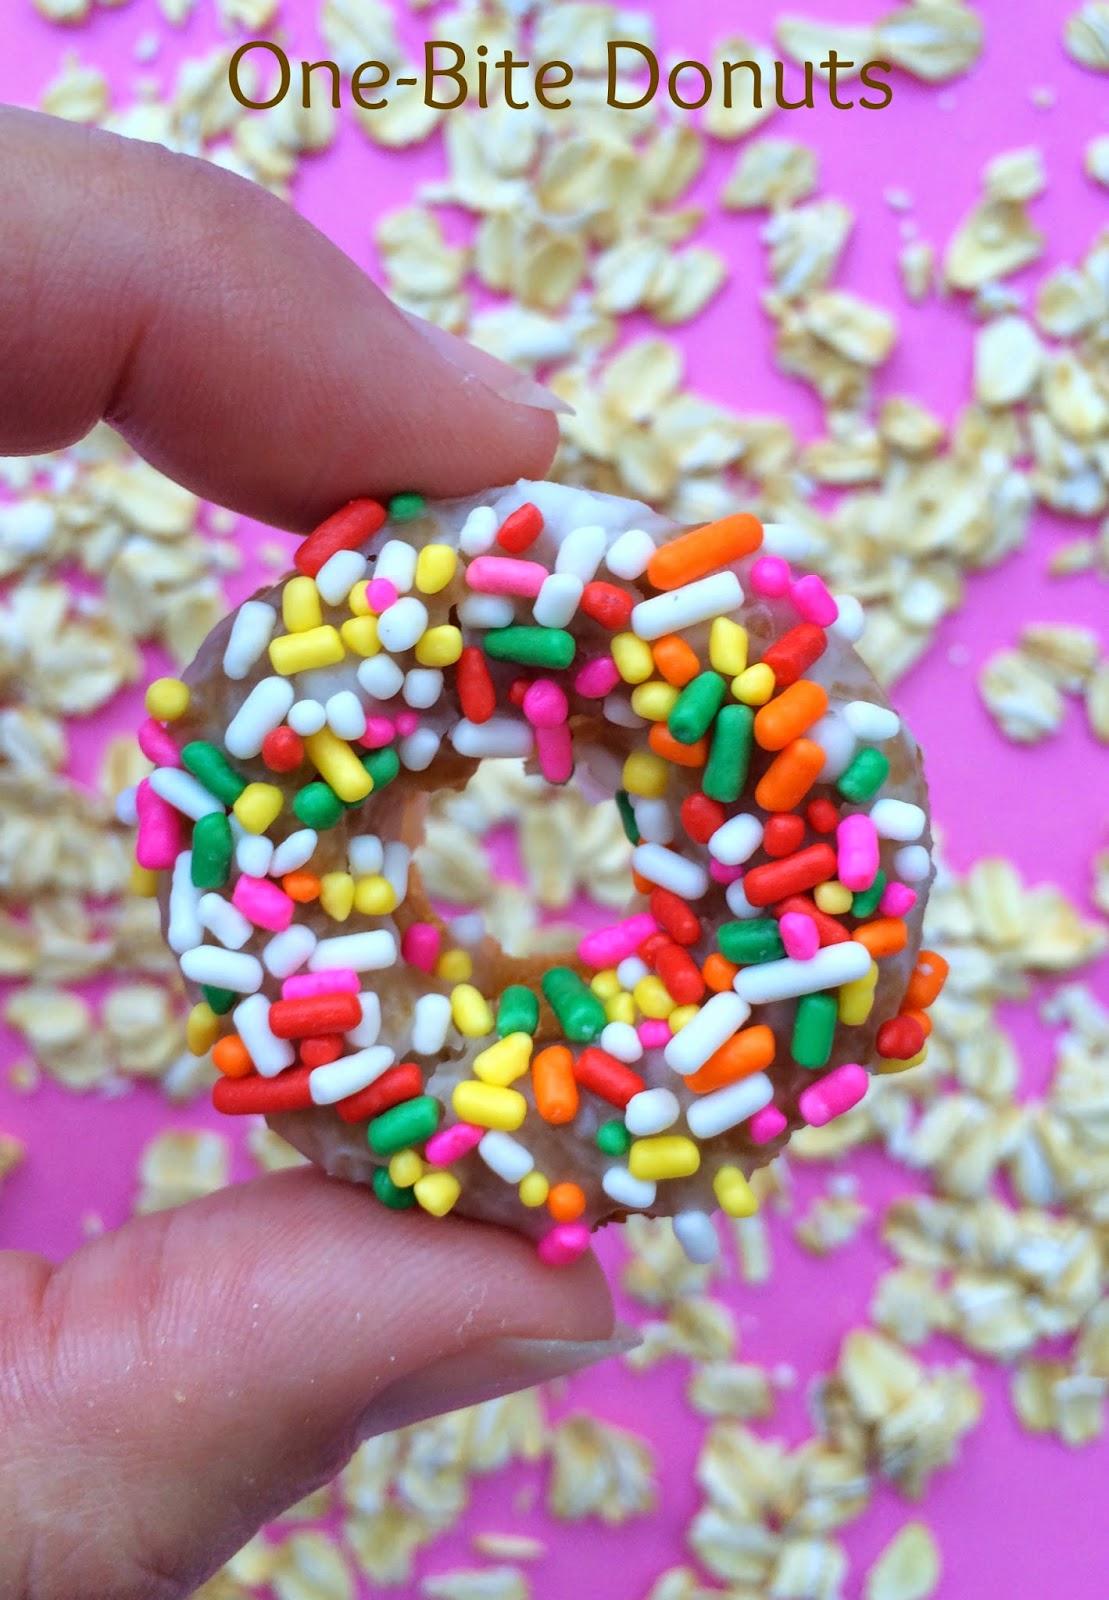 oatmeal donuts